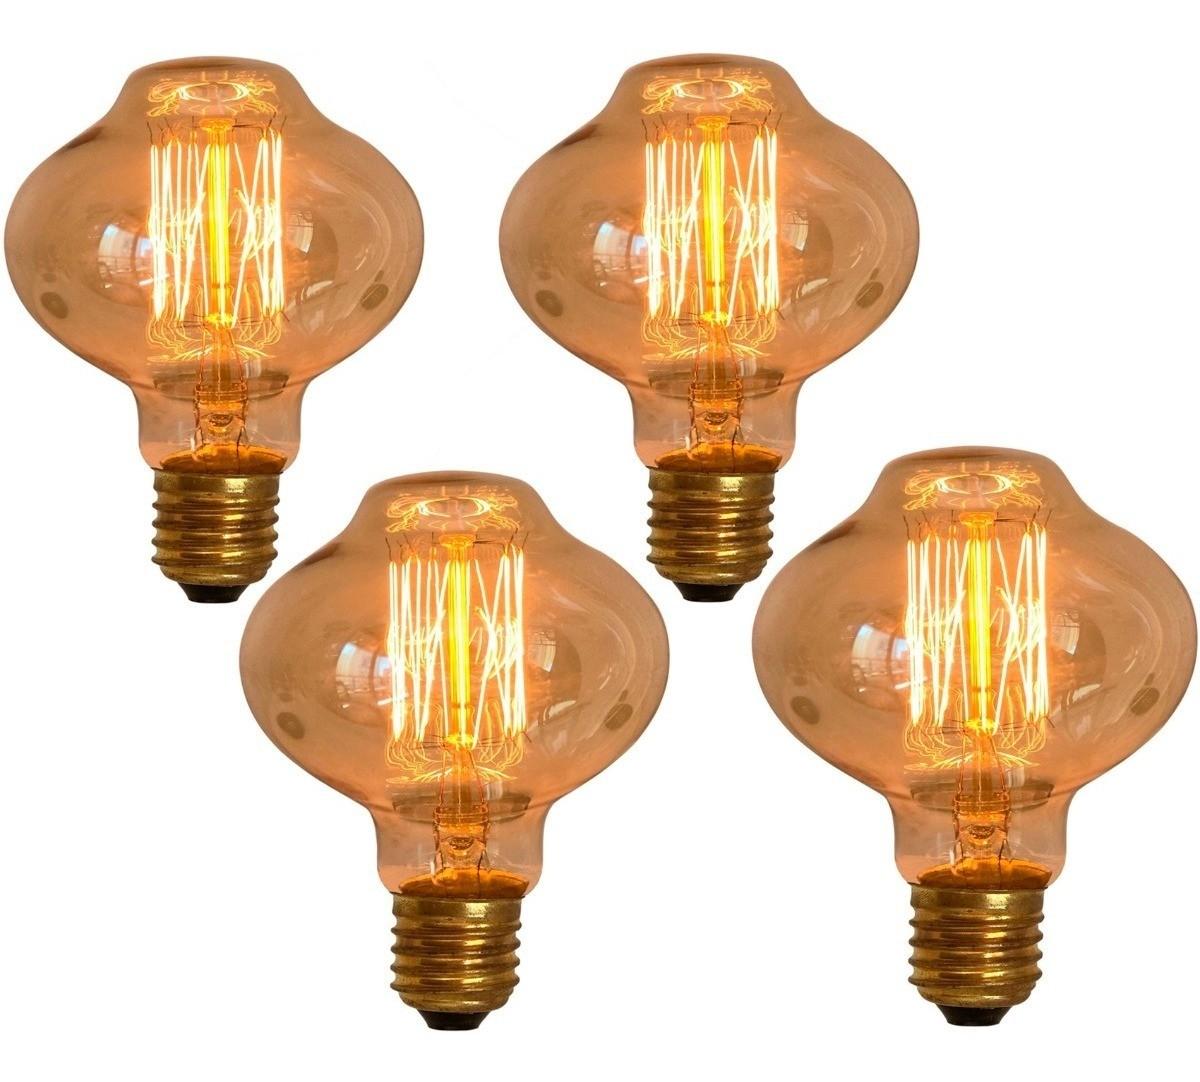 4 Lâmpadas Retrô Decorativa Vintage Thomas Edison L80